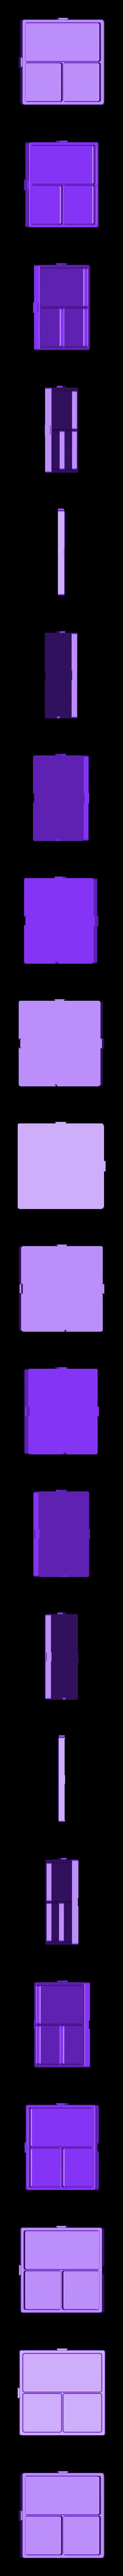 ModuloCase-B.stl Download free STL file Modulo Case Version 2 • 3D printing template, Almisuifre